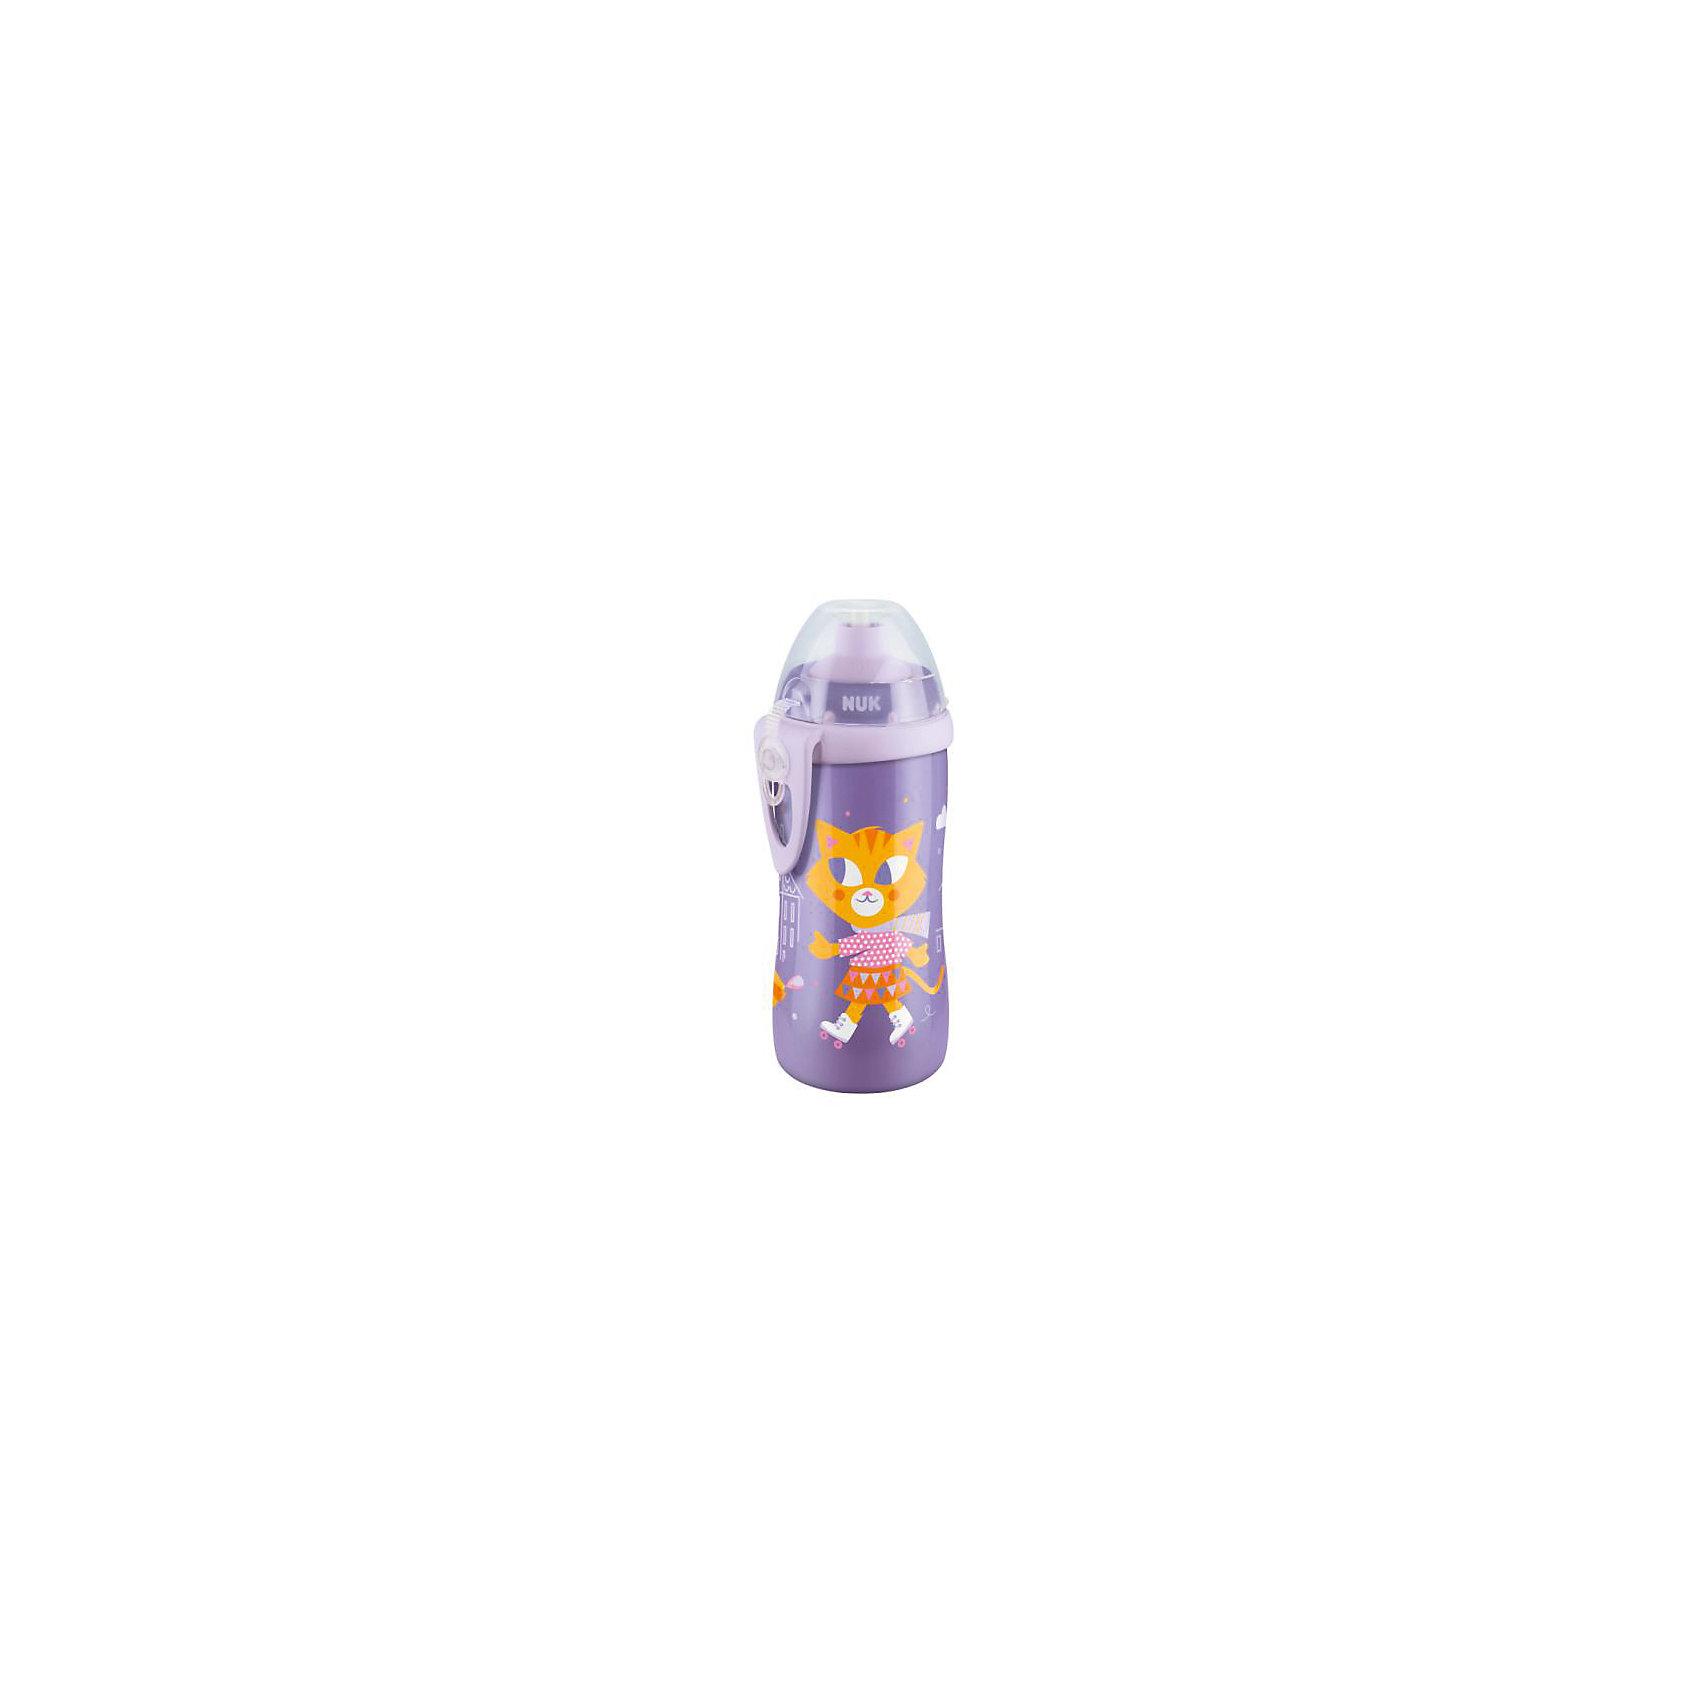 Поильник с насадкой Тяни-толкай Кошечка, 300 мл., NUK, фиолетовый